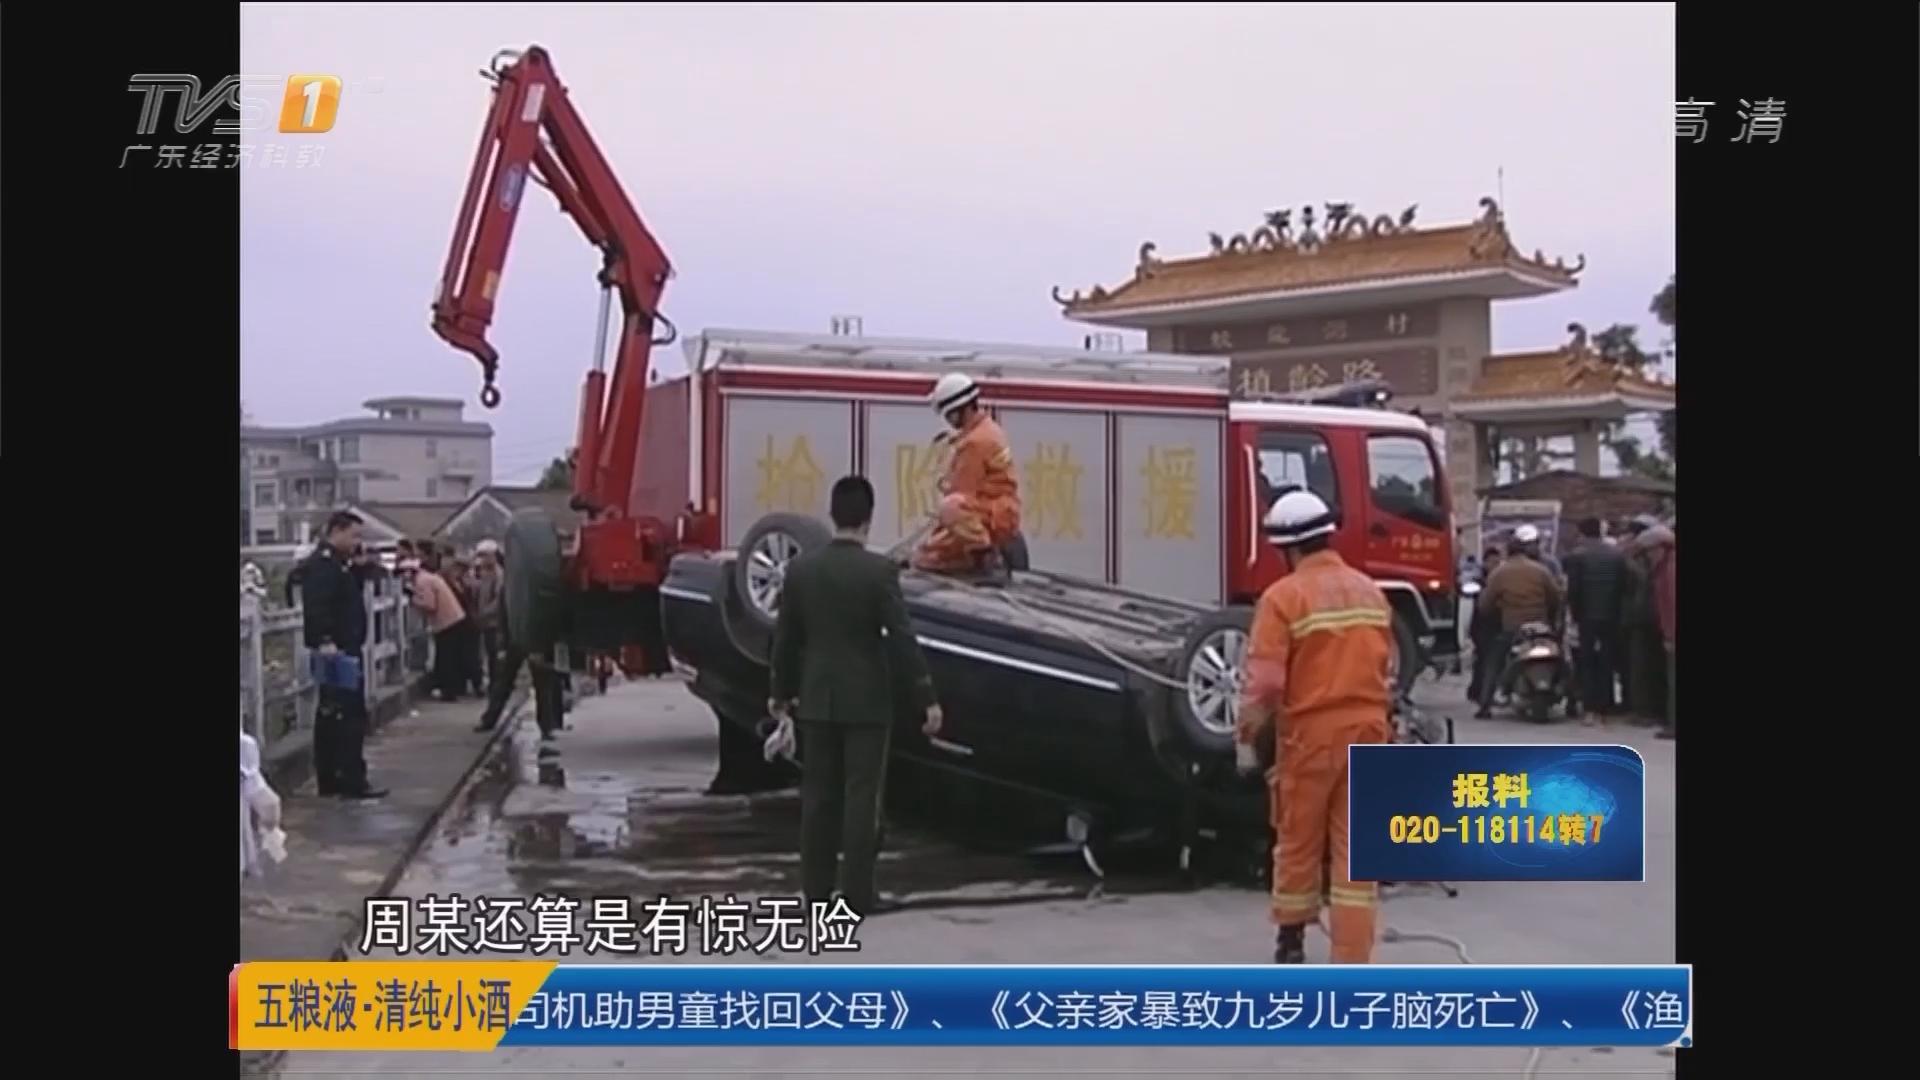 潮州潮南:汽车落水 路人合力救援